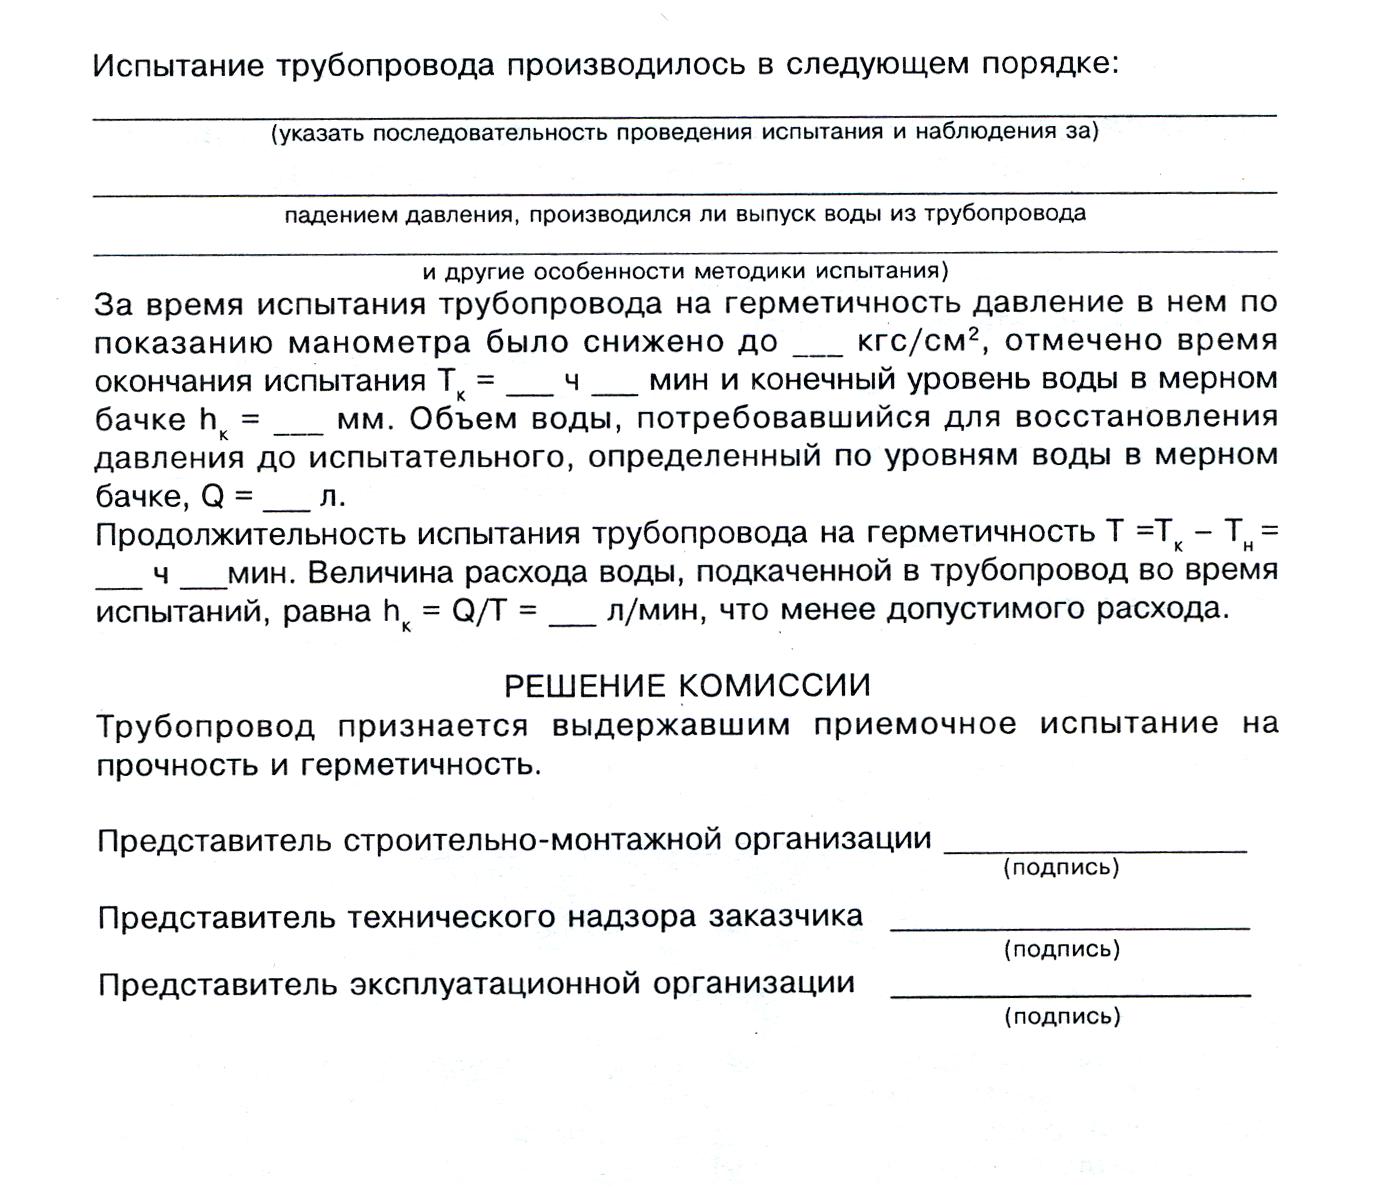 Гидравлические испытания трубопроводов: особенности и порядок выполнения работ, правила составления акта, образец